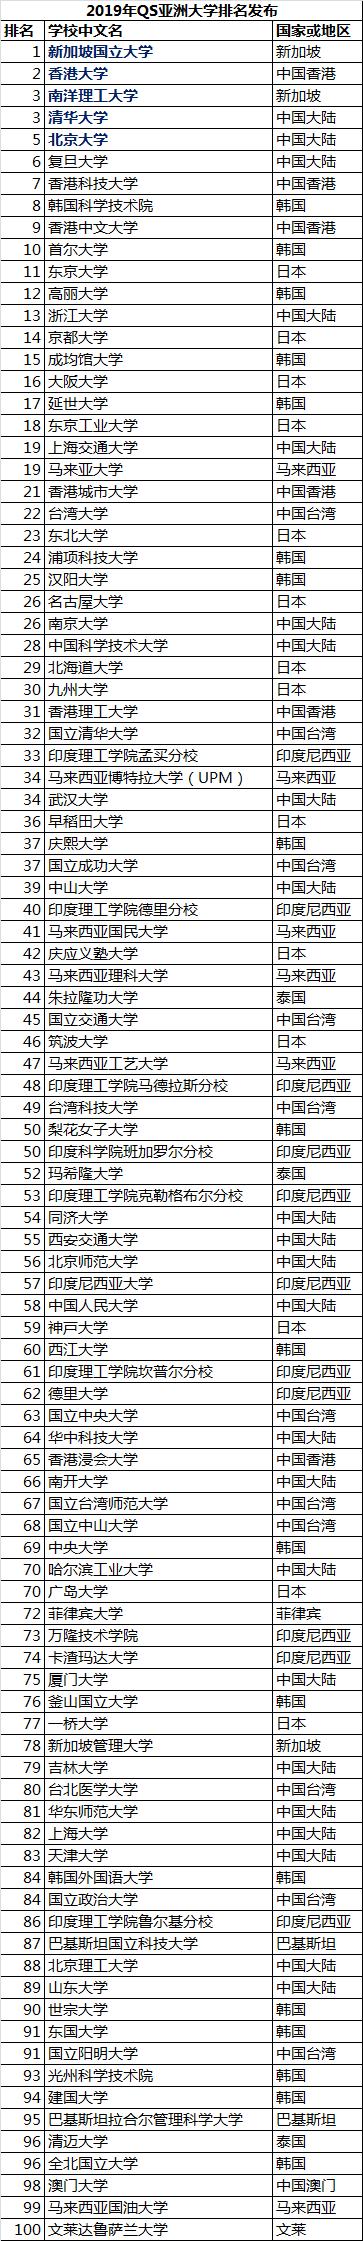 2019QS亚洲大学排名出炉,QS亚洲大学排名,出国留学